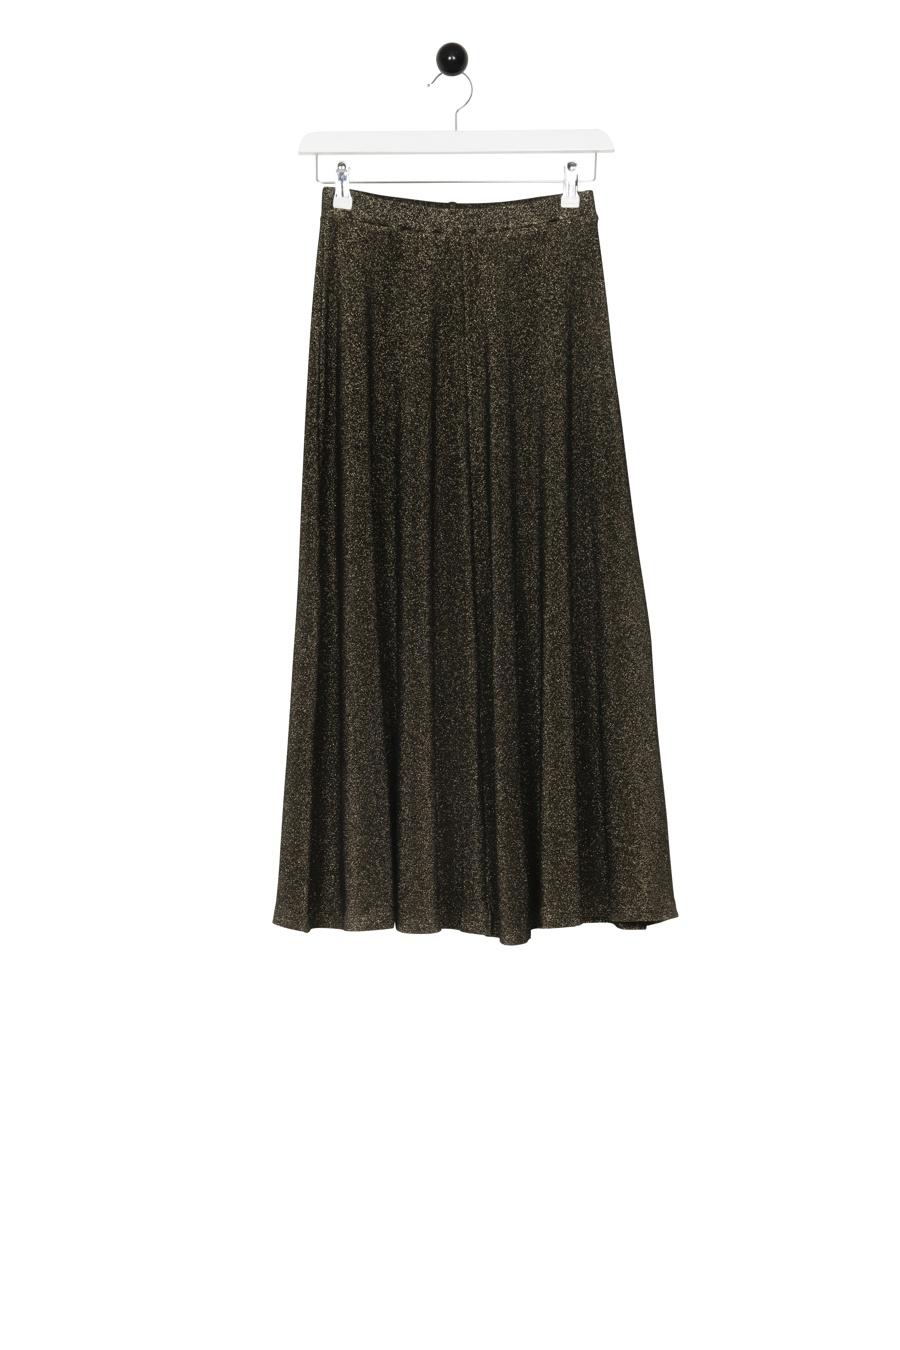 Return Vomb Skirt